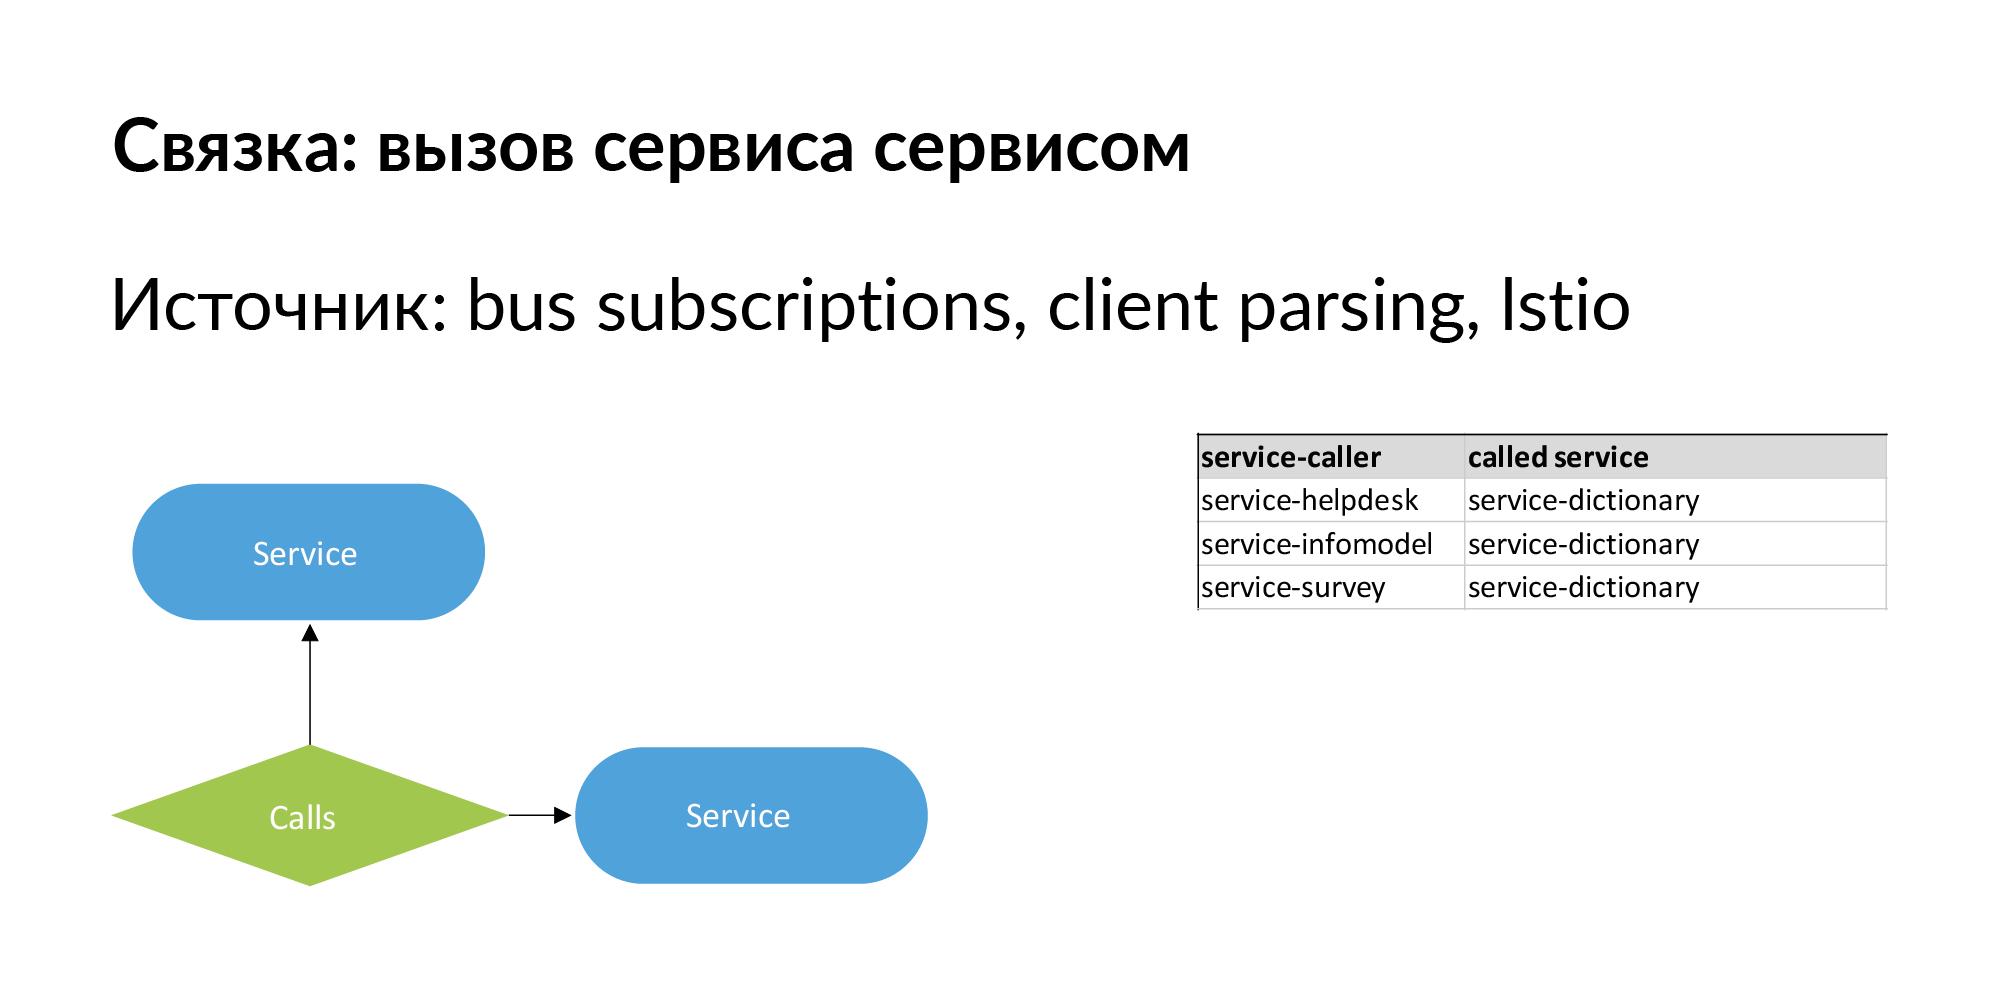 Концепция персистентной ткани для контроля IT-инфраструктуры - 21